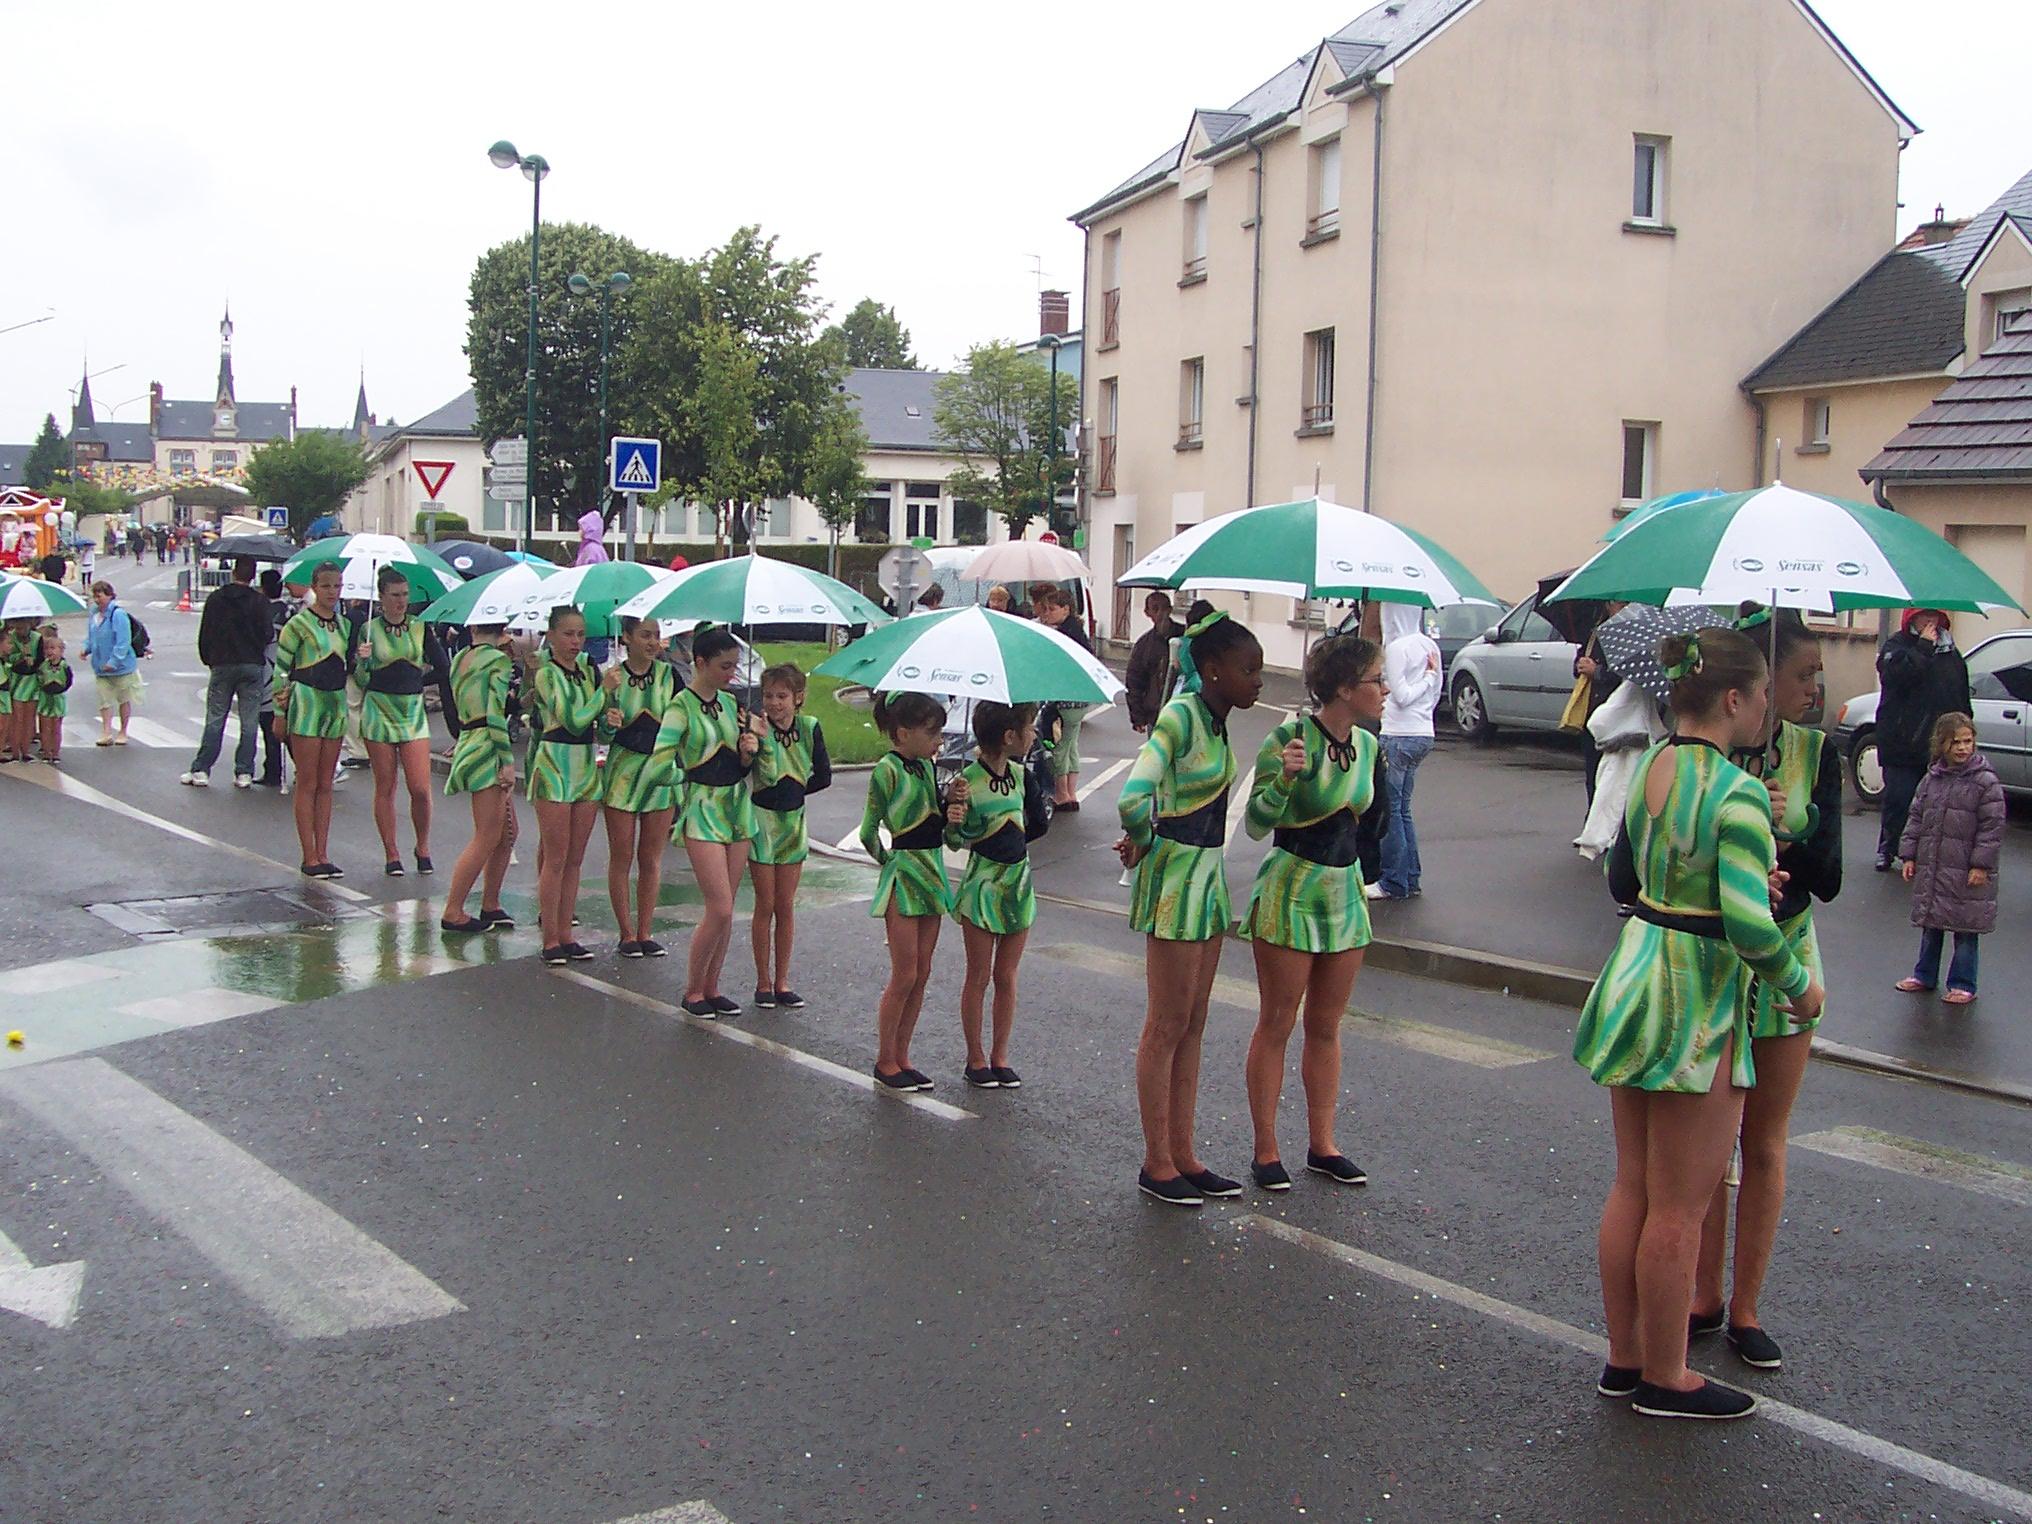 défile avec parapluie